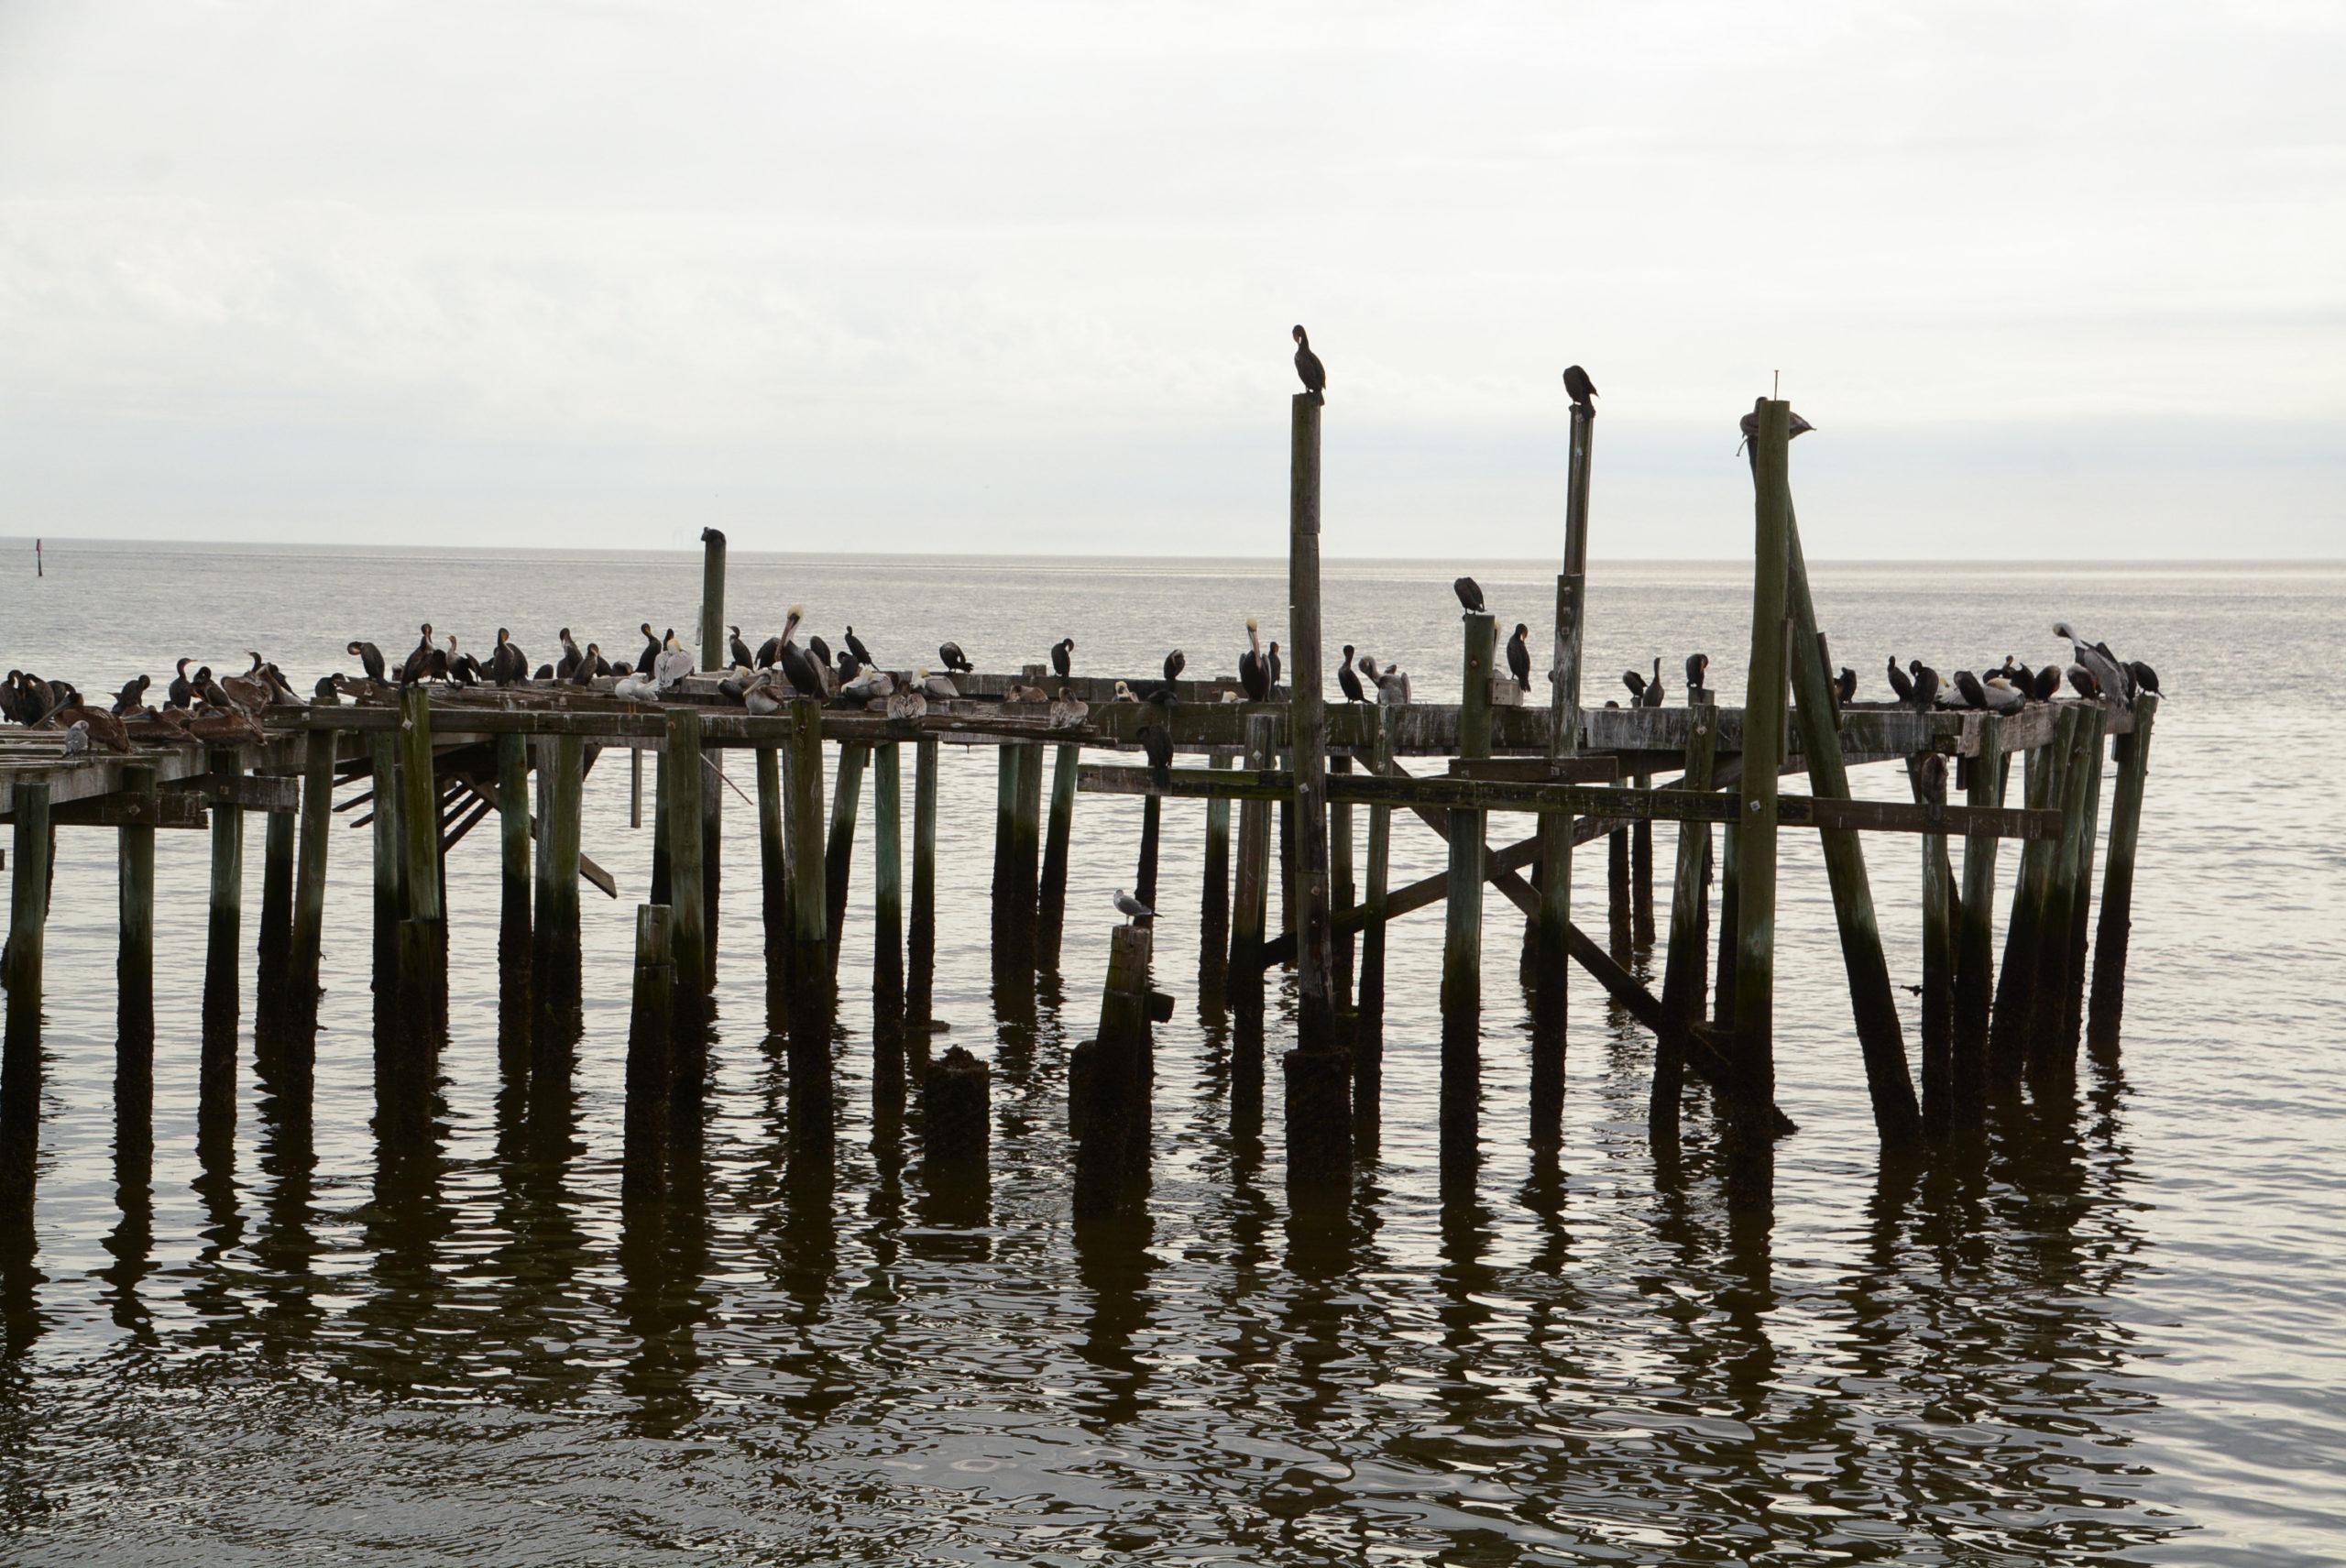 Kormorane und Pelikane ruhen auf Pfählen im Wasser